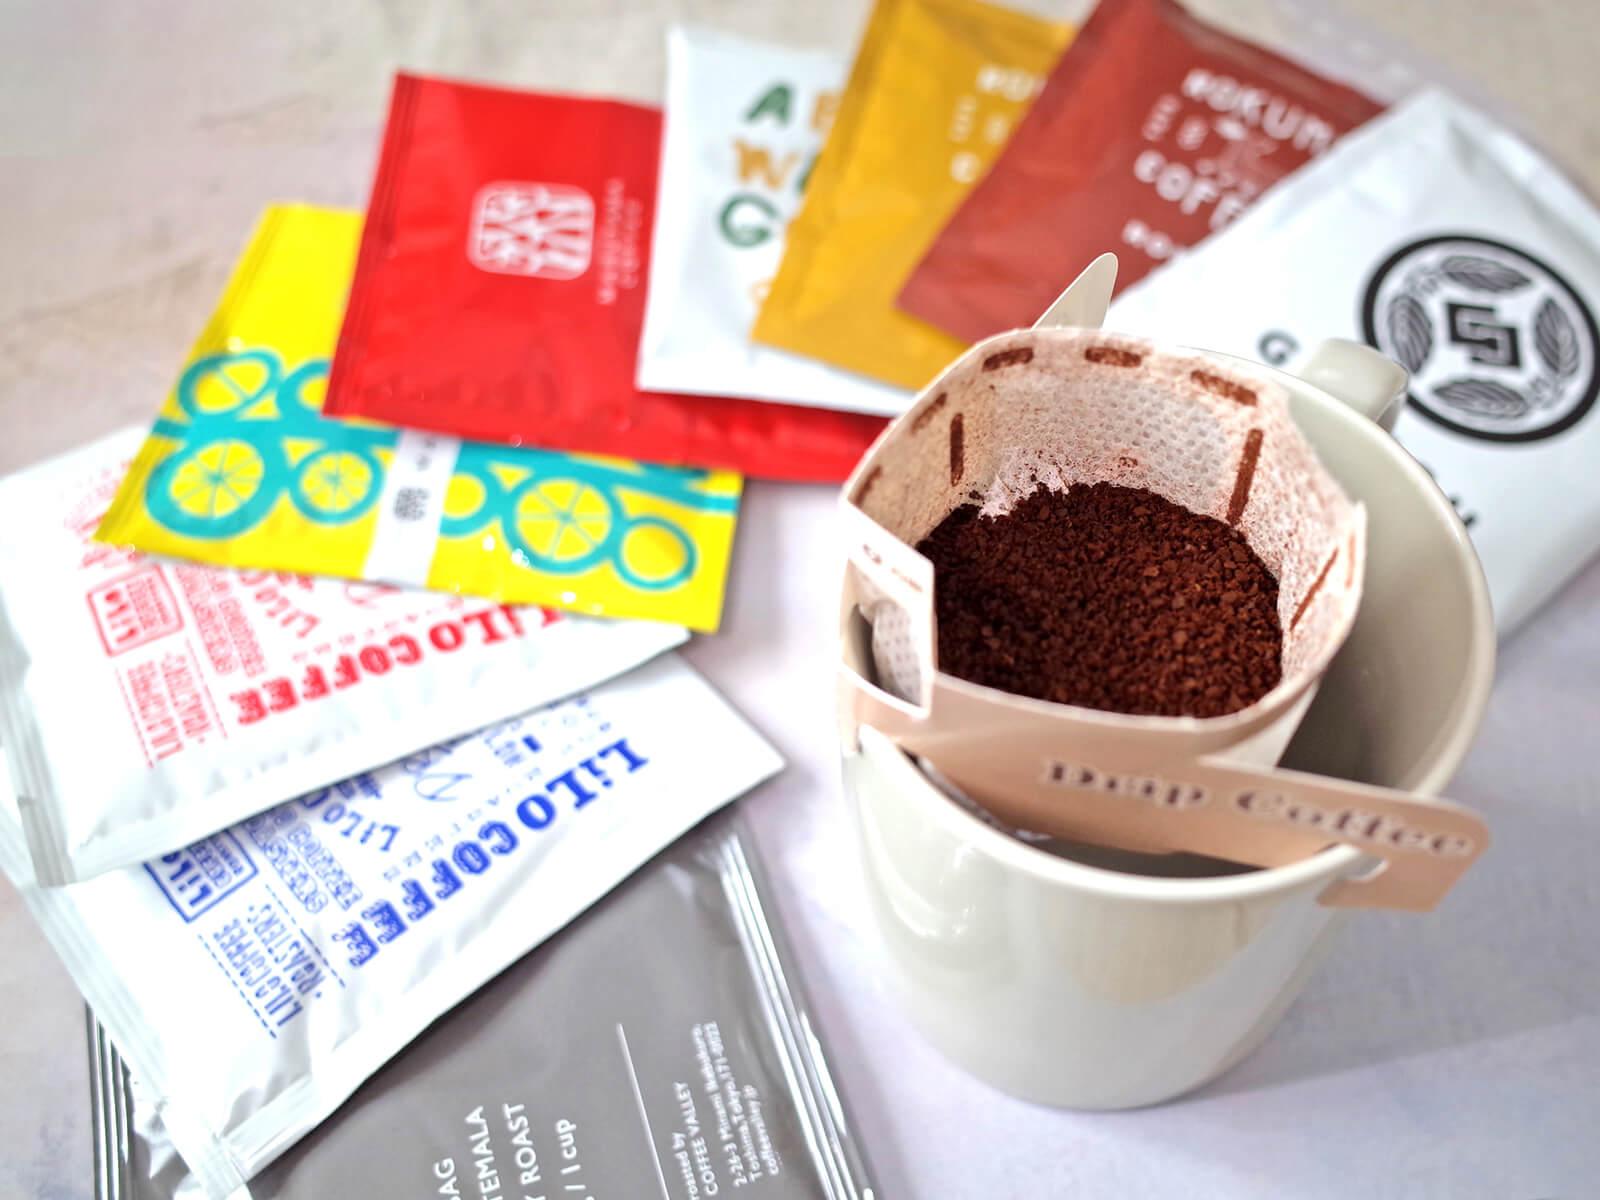 【株式会社CafeSnap】ドリップバッグのセレクトショップ / 人気スペシャルティコーヒー店から厳選した「選べるドリップバッグ」発売開始